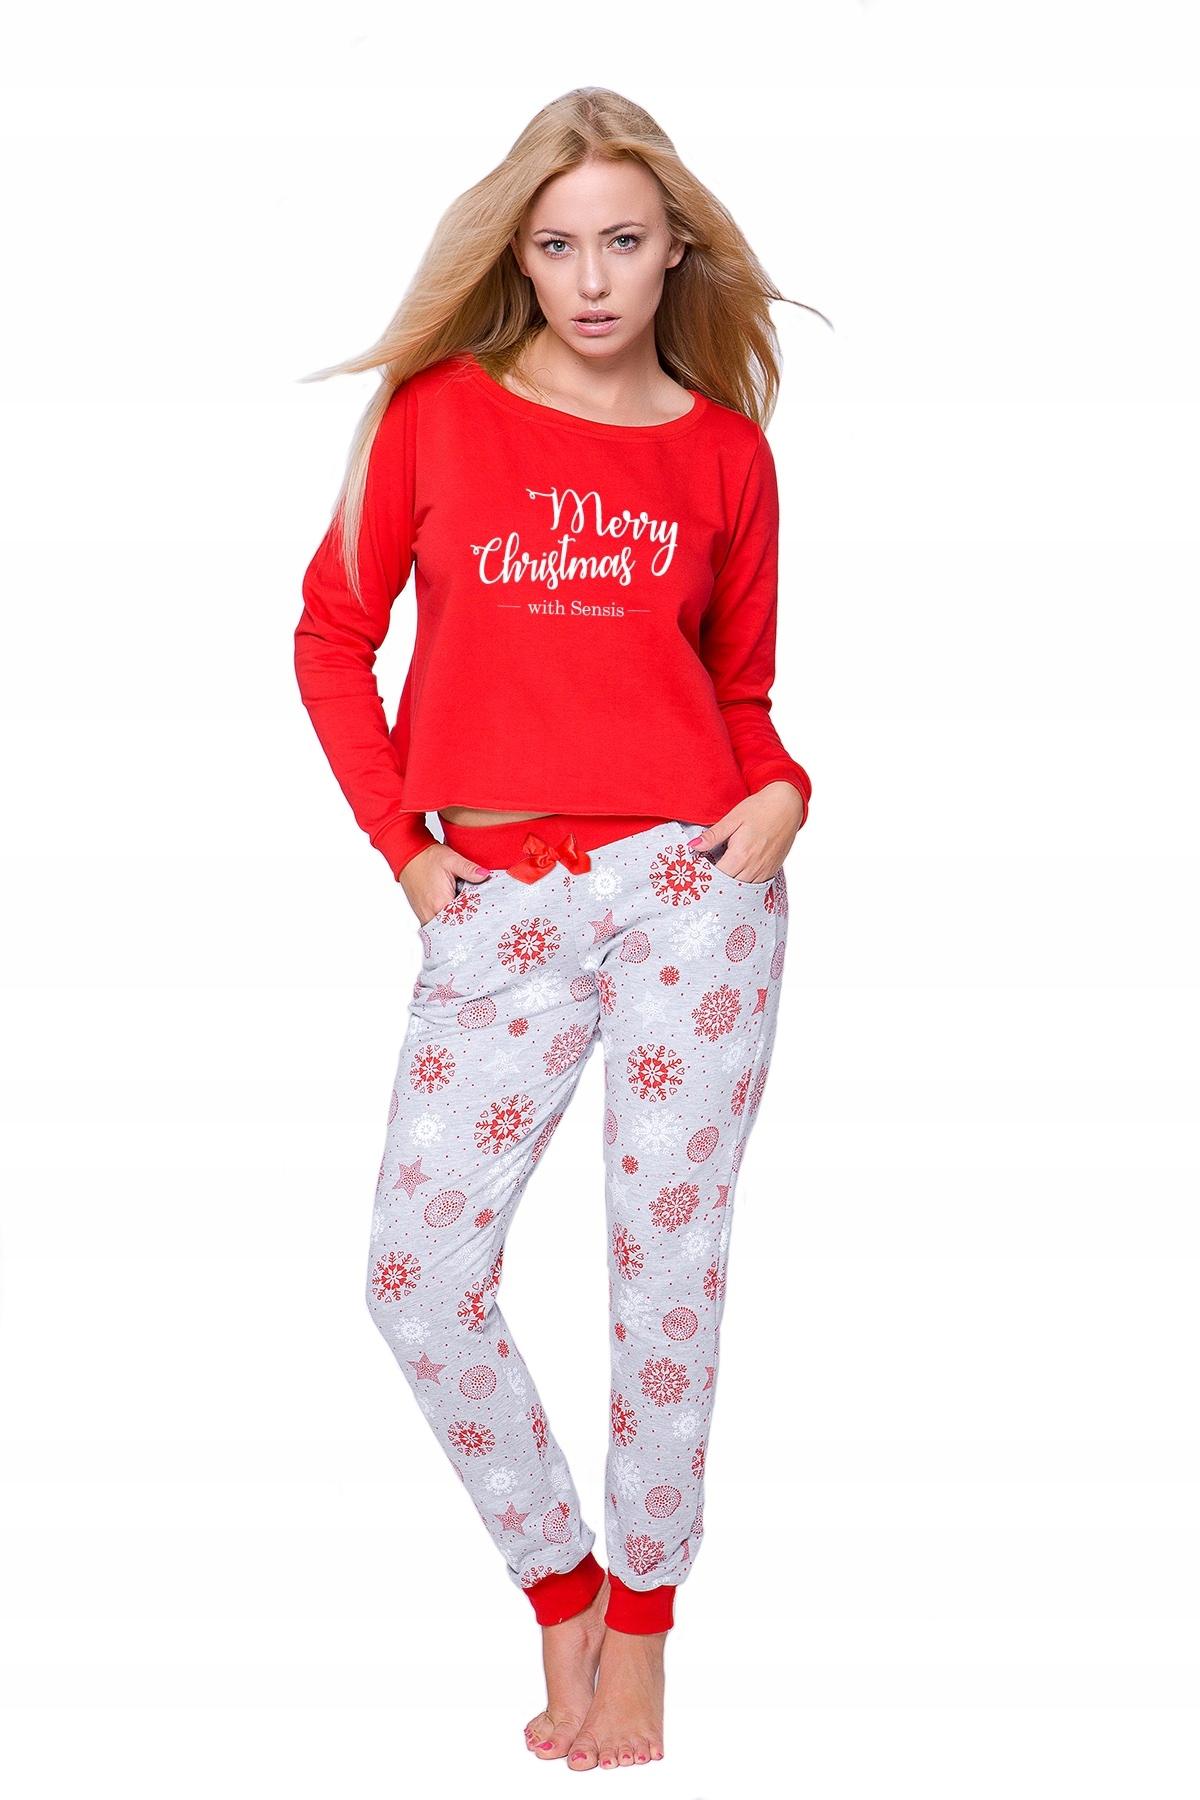 1b71c82b59b314 Nowość dres piżama Gifti Sensis świąteczna L - 7724635521 ...